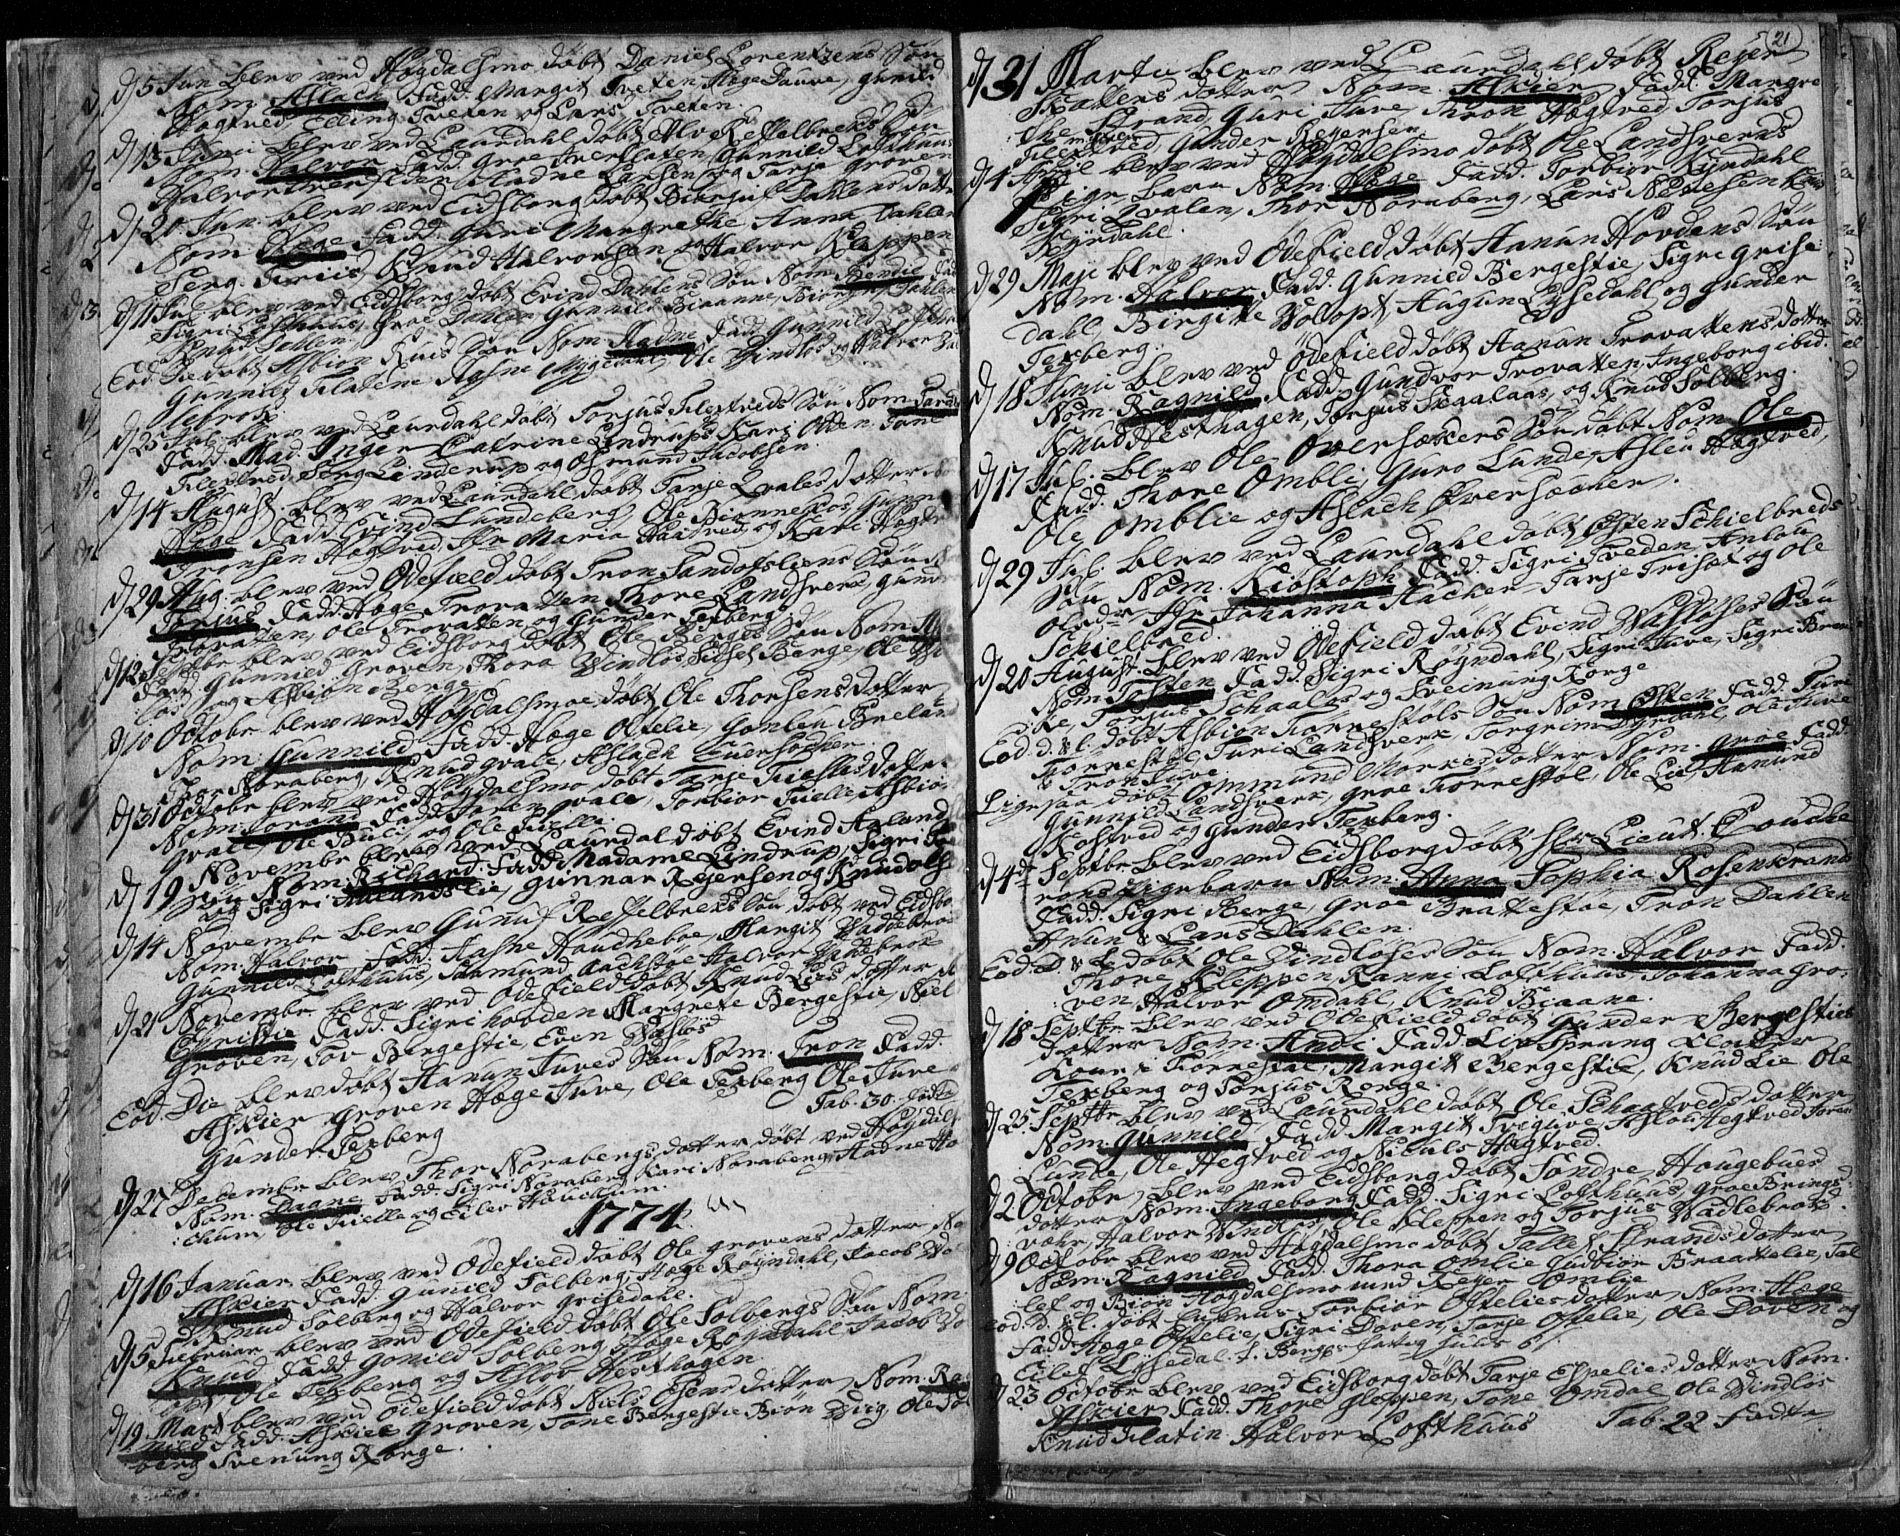 SAKO, Lårdal kirkebøker, F/Fa/L0003: Ministerialbok nr. I 3, 1754-1790, s. 21